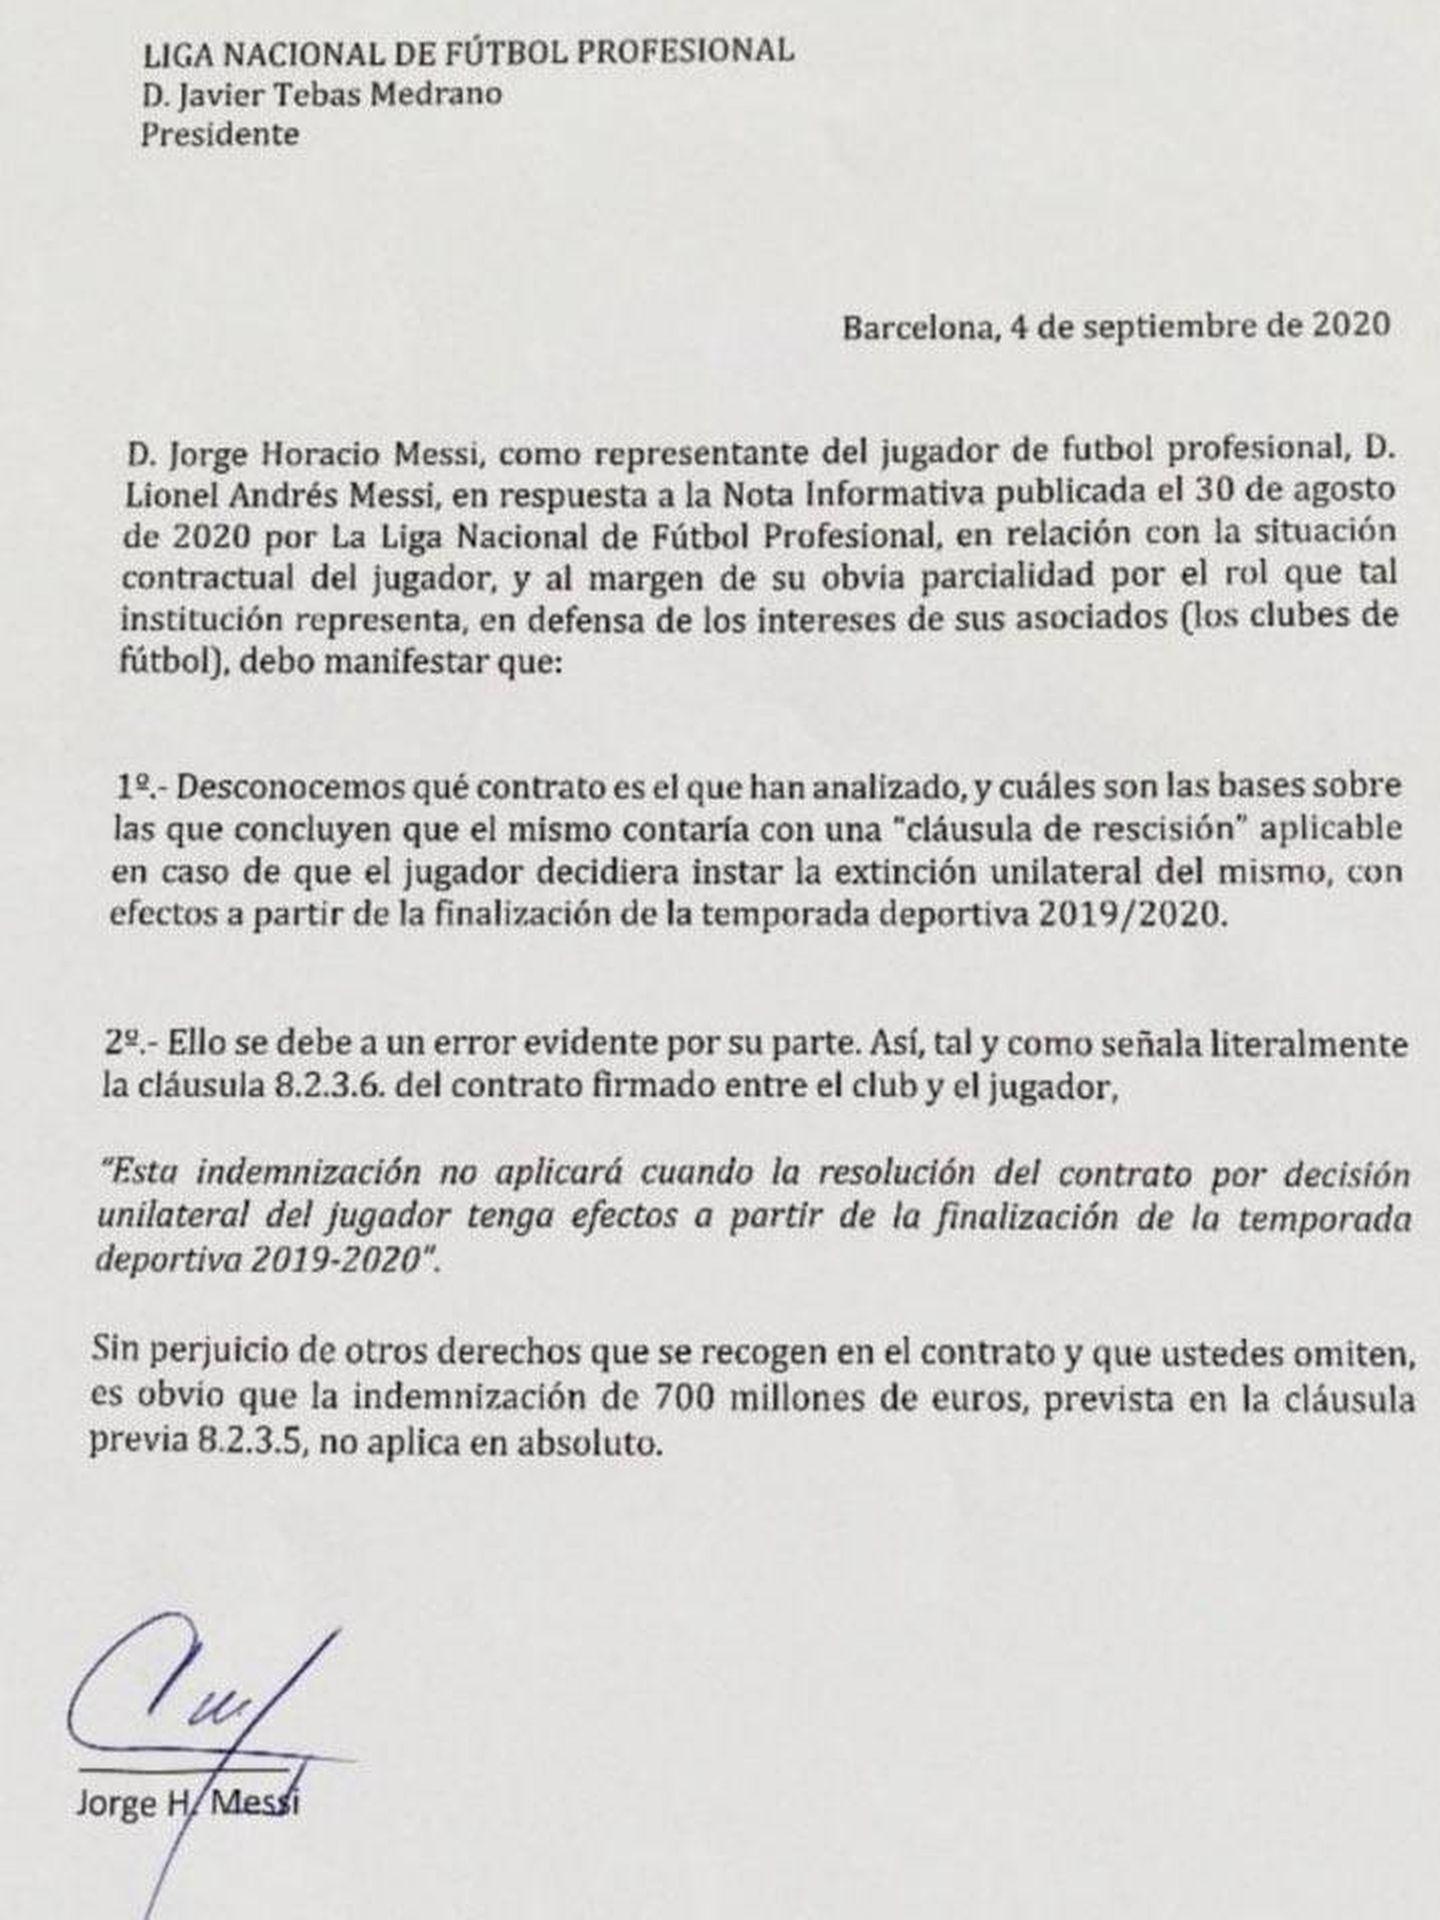 Comunicado oficial de Leo Messi a LaLiga.